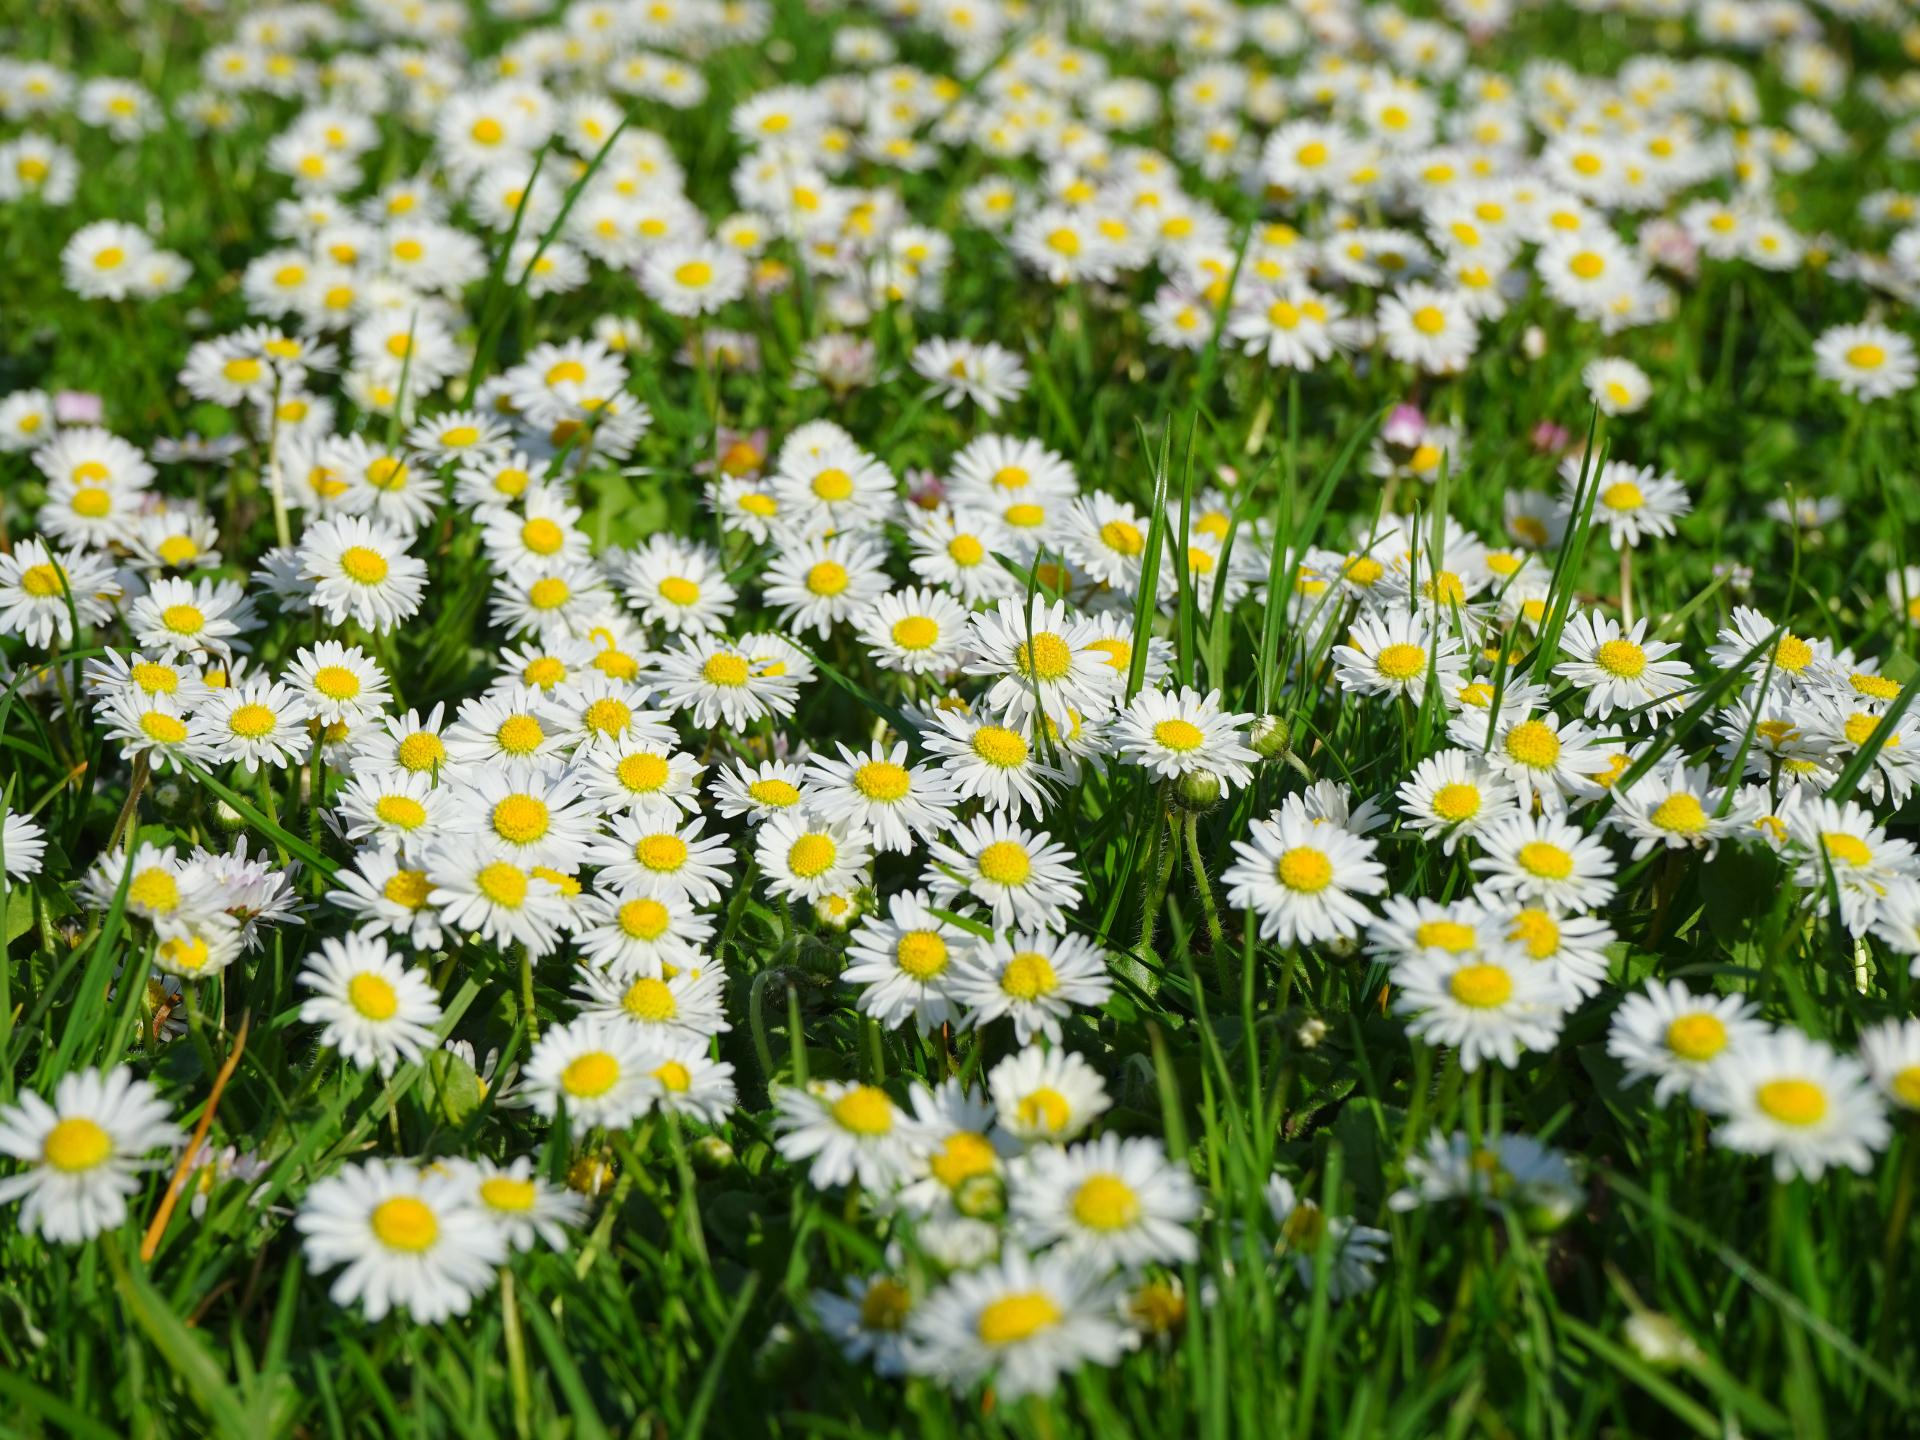 Gänseblümchen sind eine beliebte Ergänzung für Salate und Suppen. - Photocredit: pixabay.com/Hans